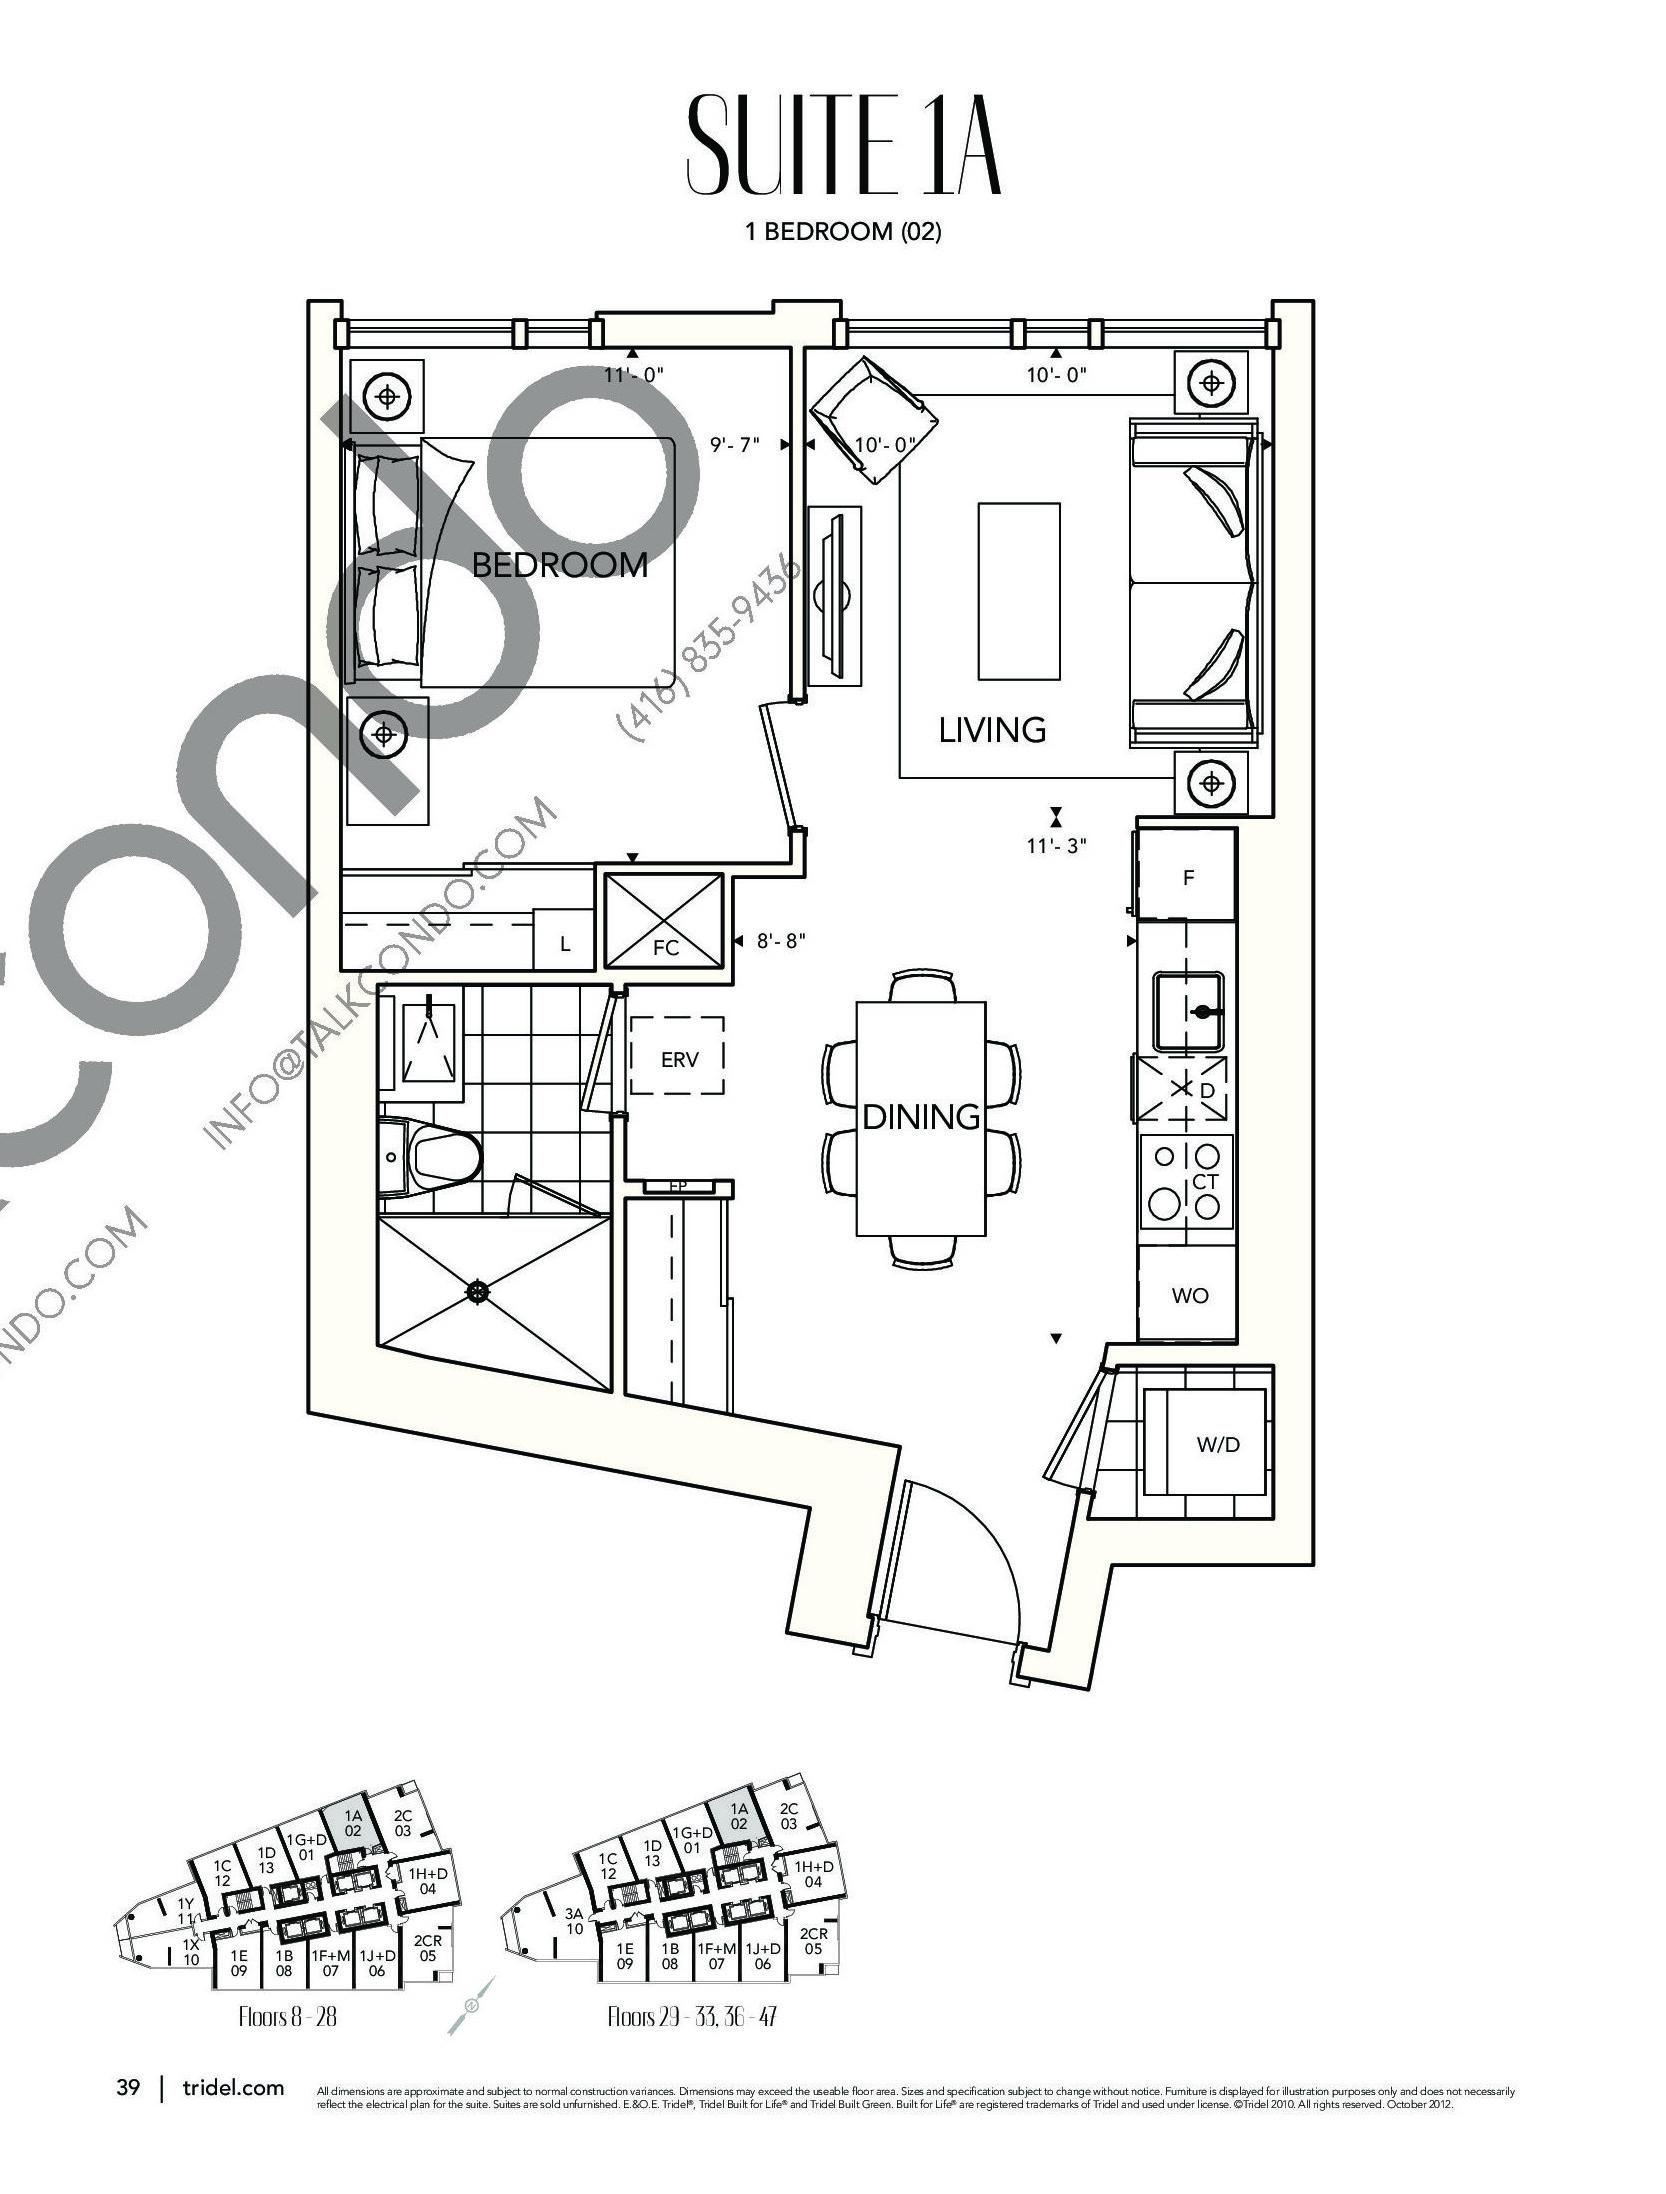 Suite 1A Floor Plan at Ten York Condos - 564 sq.ft